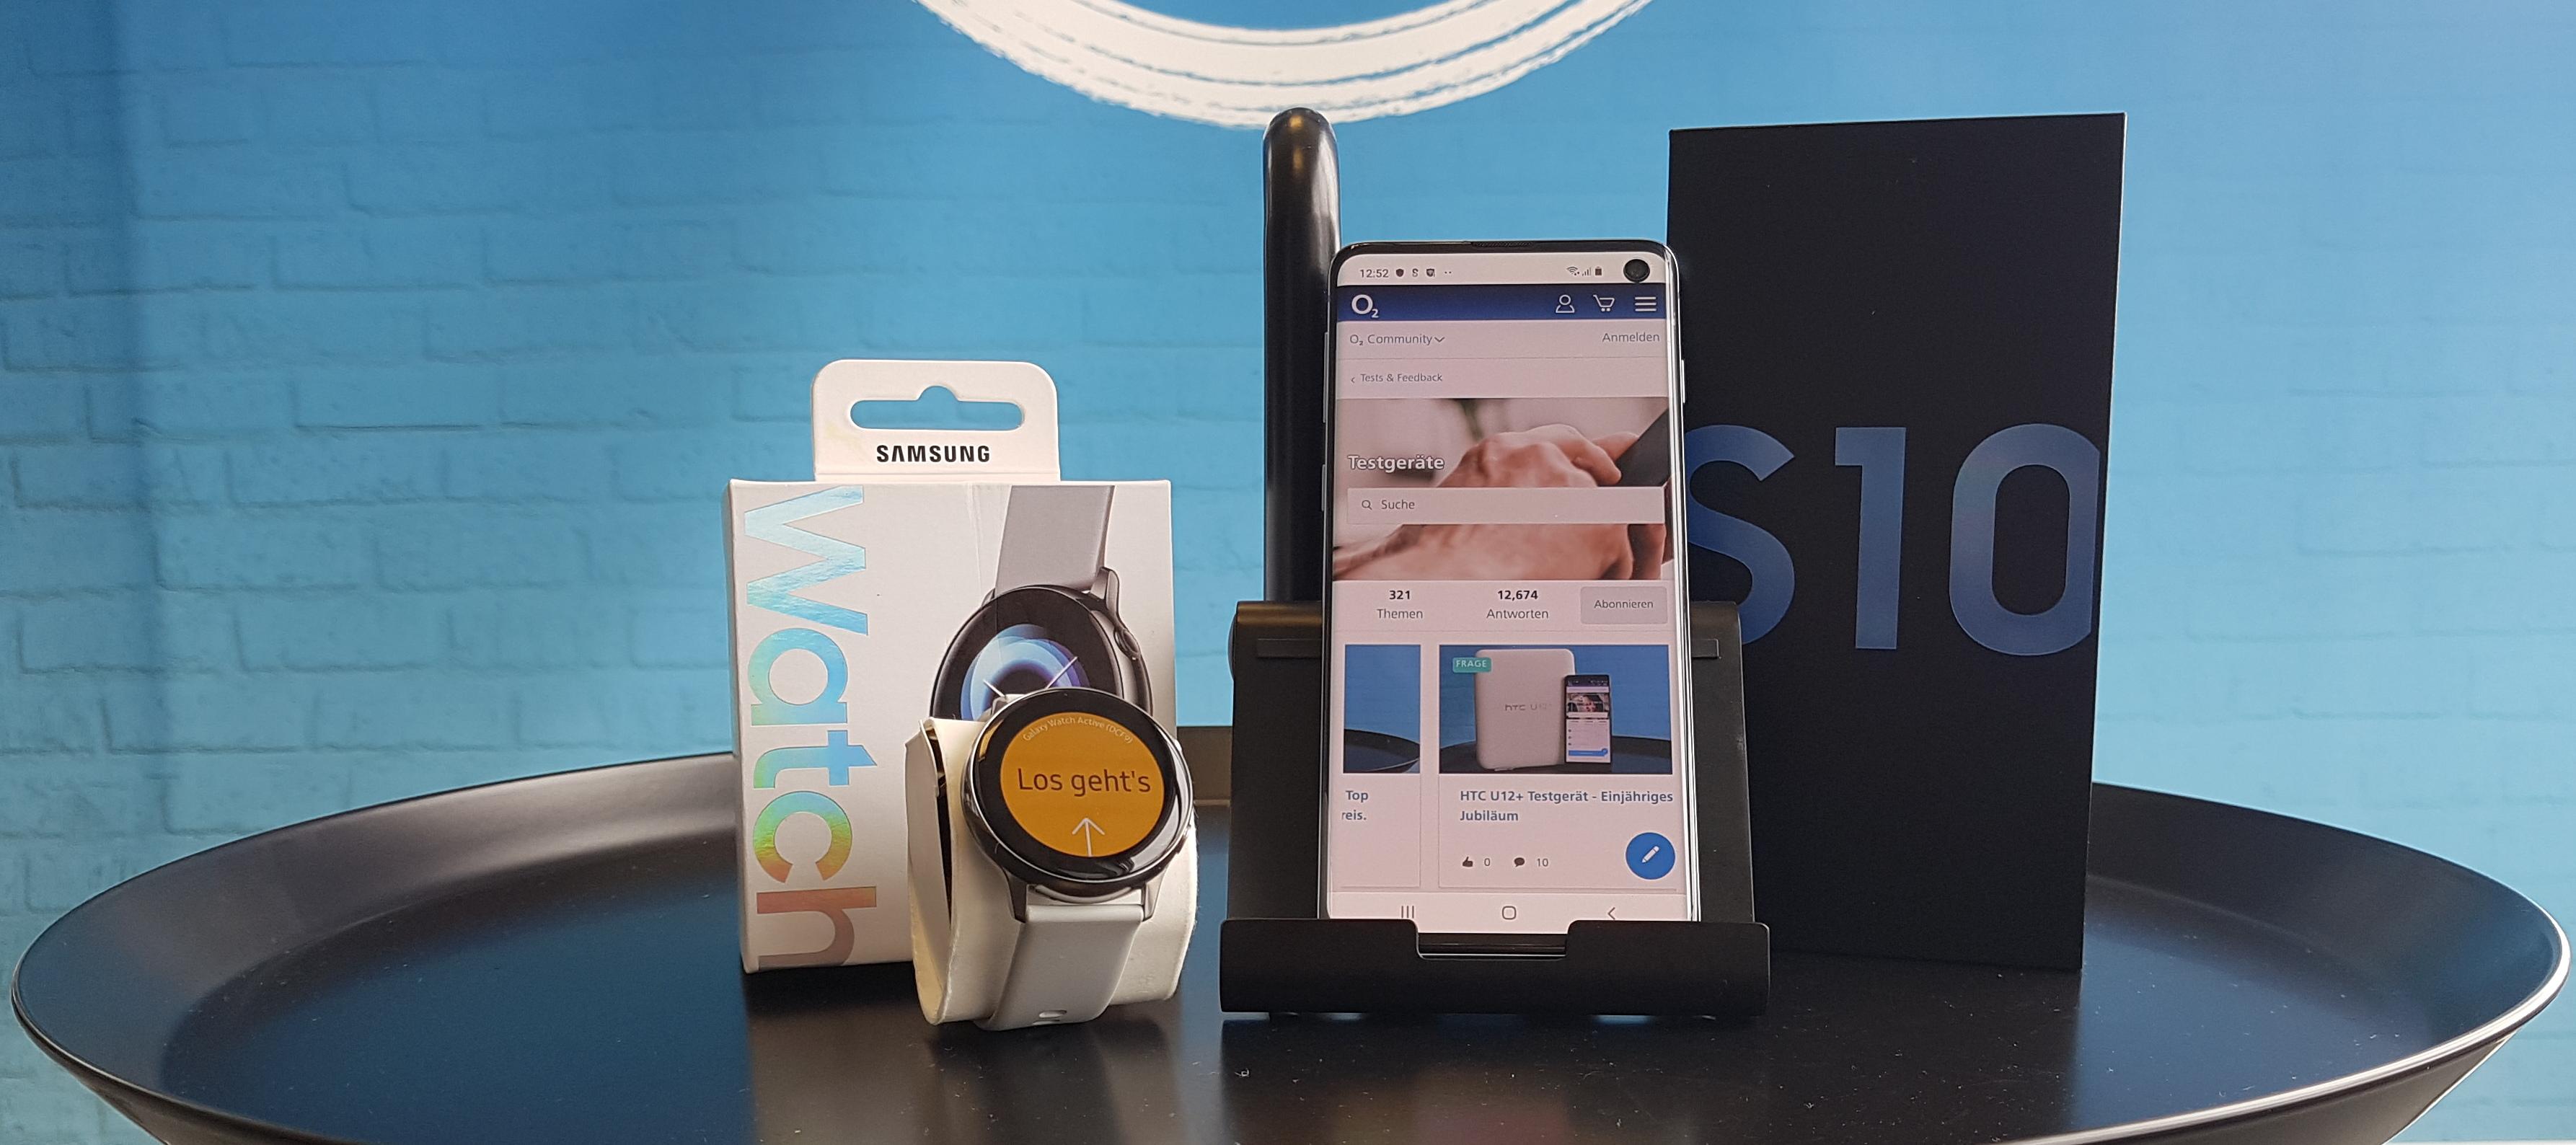 Samsung Galaxy S10 & Galaxy Watch Active Testbundle: Jetzt bewerben und Tester werden!